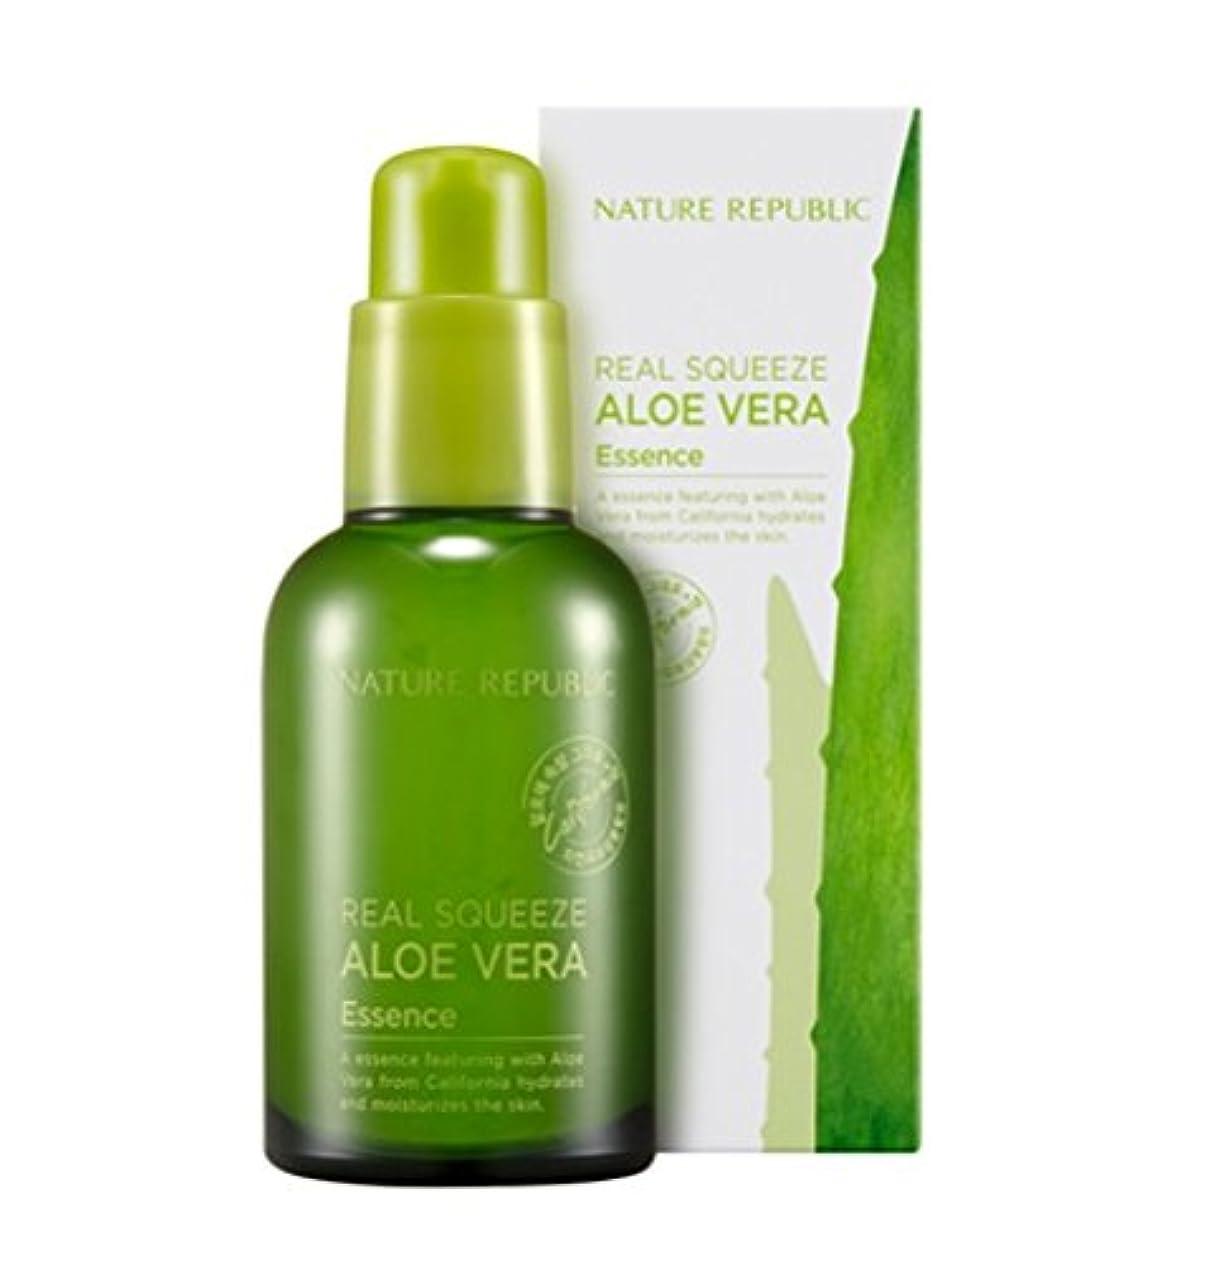 公然とゲート市の花[Nature Republic]ネイチャーリパブリック[Real Squeeze Aloe Vera Essence](リアルスクィーズアロエベラエッセンス) [並行輸入品]